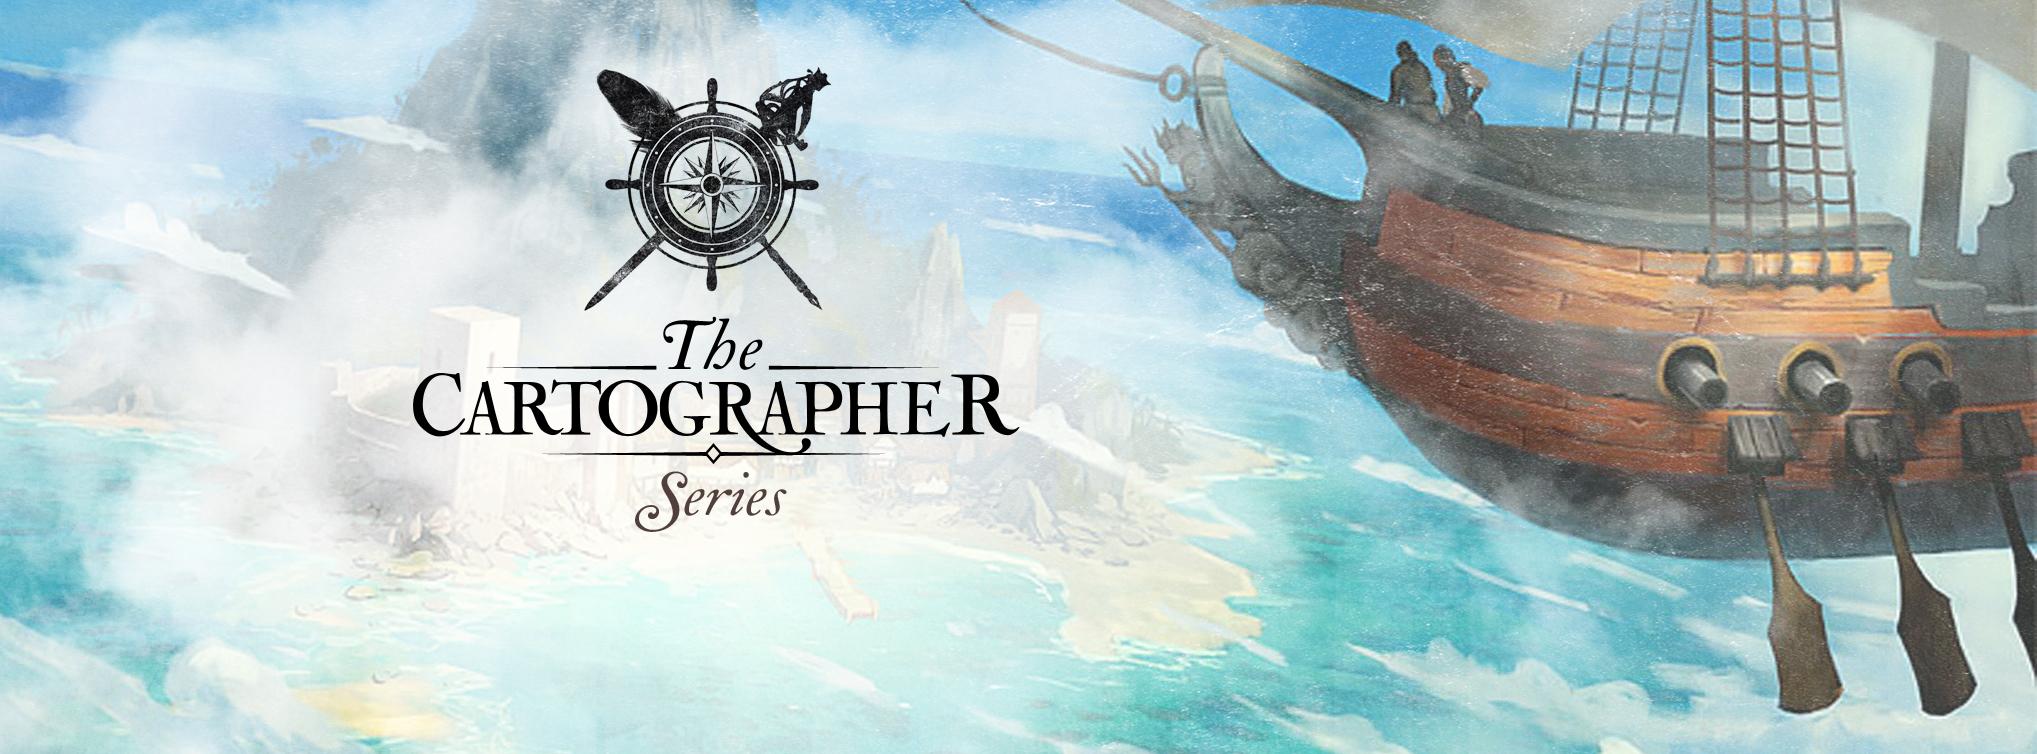 Cartographer-FB_Header1.jpg